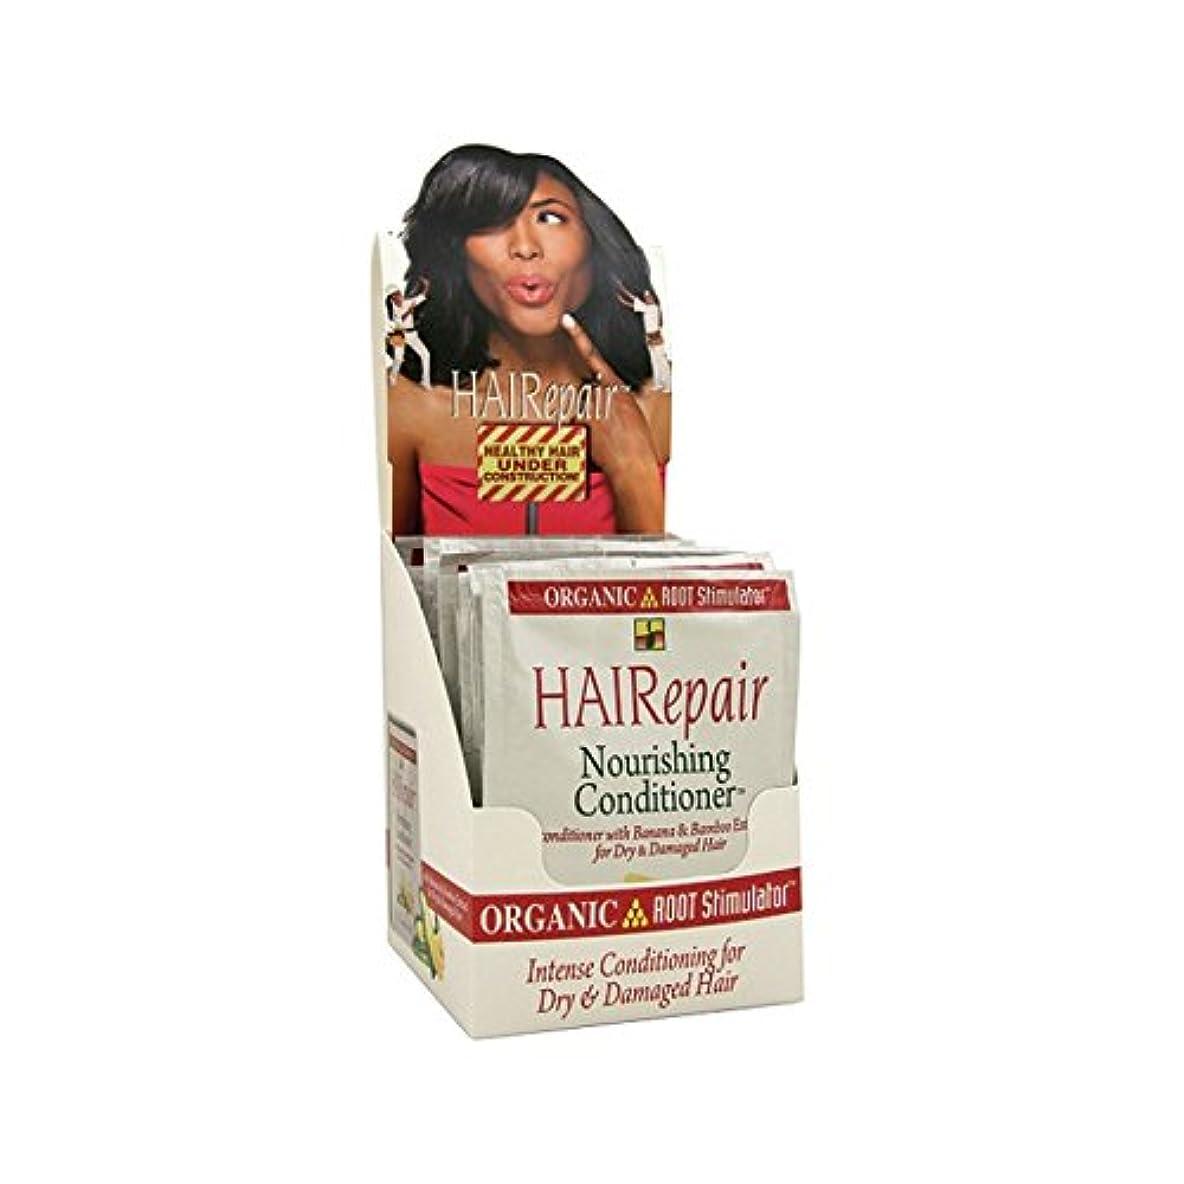 障害者部屋を掃除する排出Organic Root Hairepair Nourish Conditioner 50 ml (Pack Of 12) (並行輸入品)